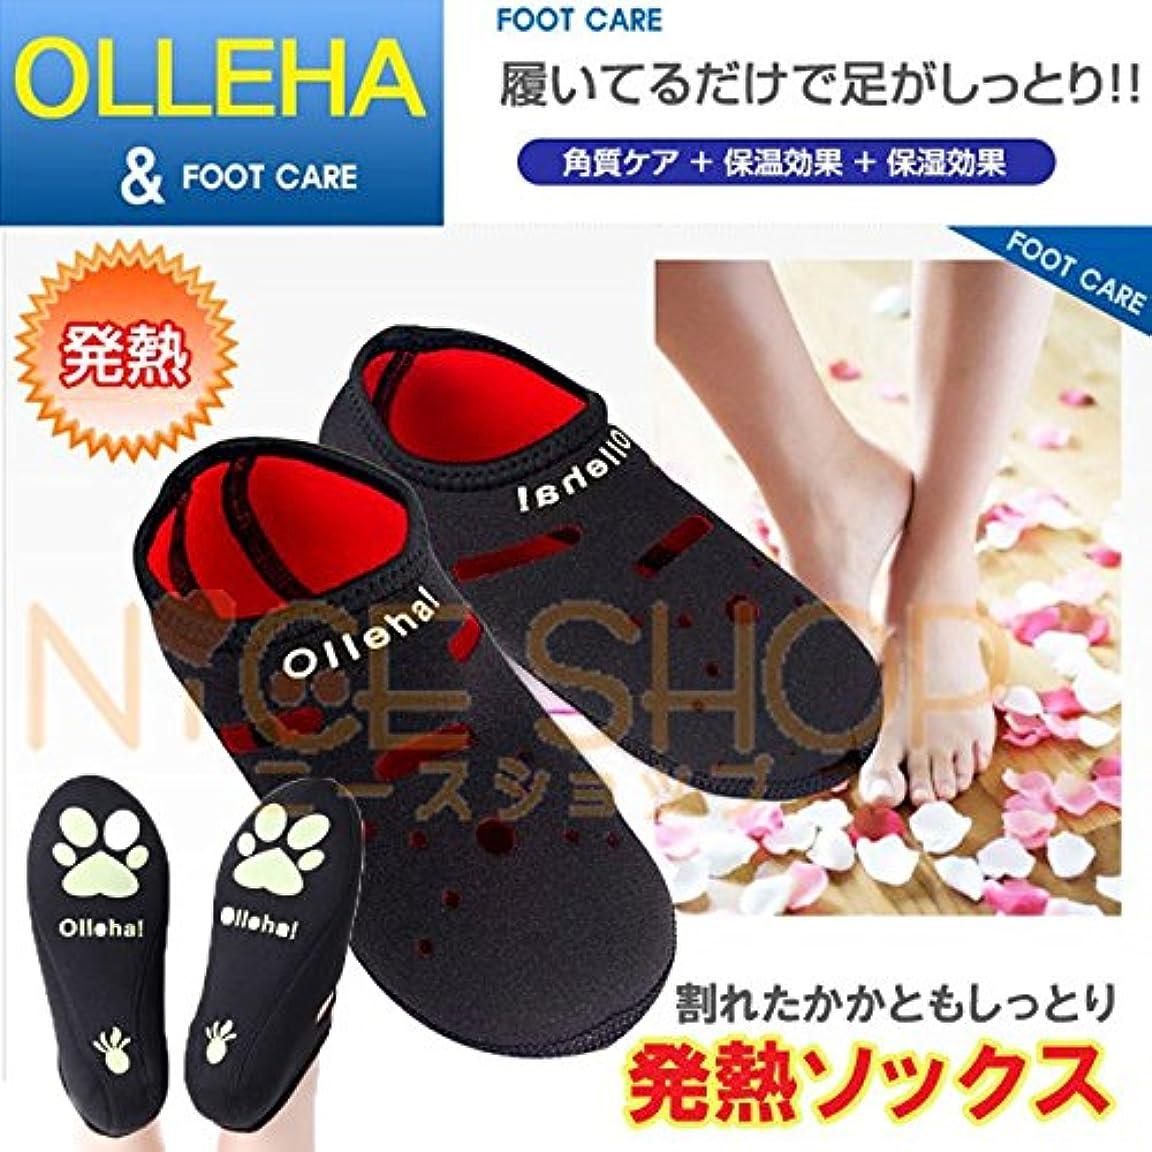 のためにラインナップ言及する発熱靴下(足袋)発熱ソックス、フットケアー Olleha! (S(22.0~23.0))